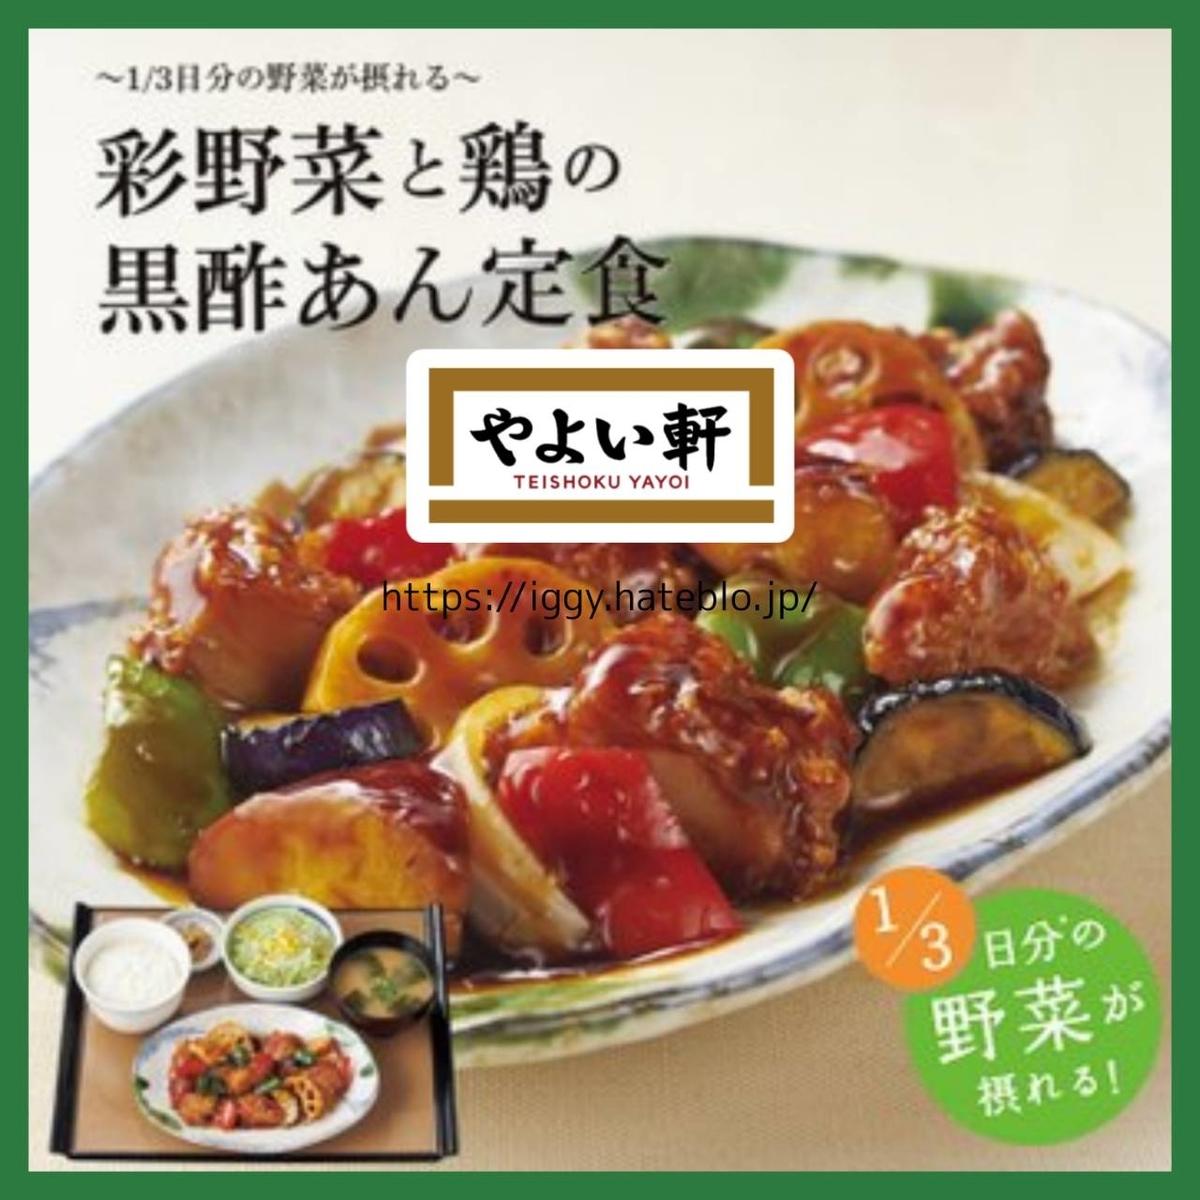 やよい軒 期間限定メニュー「彩野菜と鶏の黒酢あん定食」 LIFE